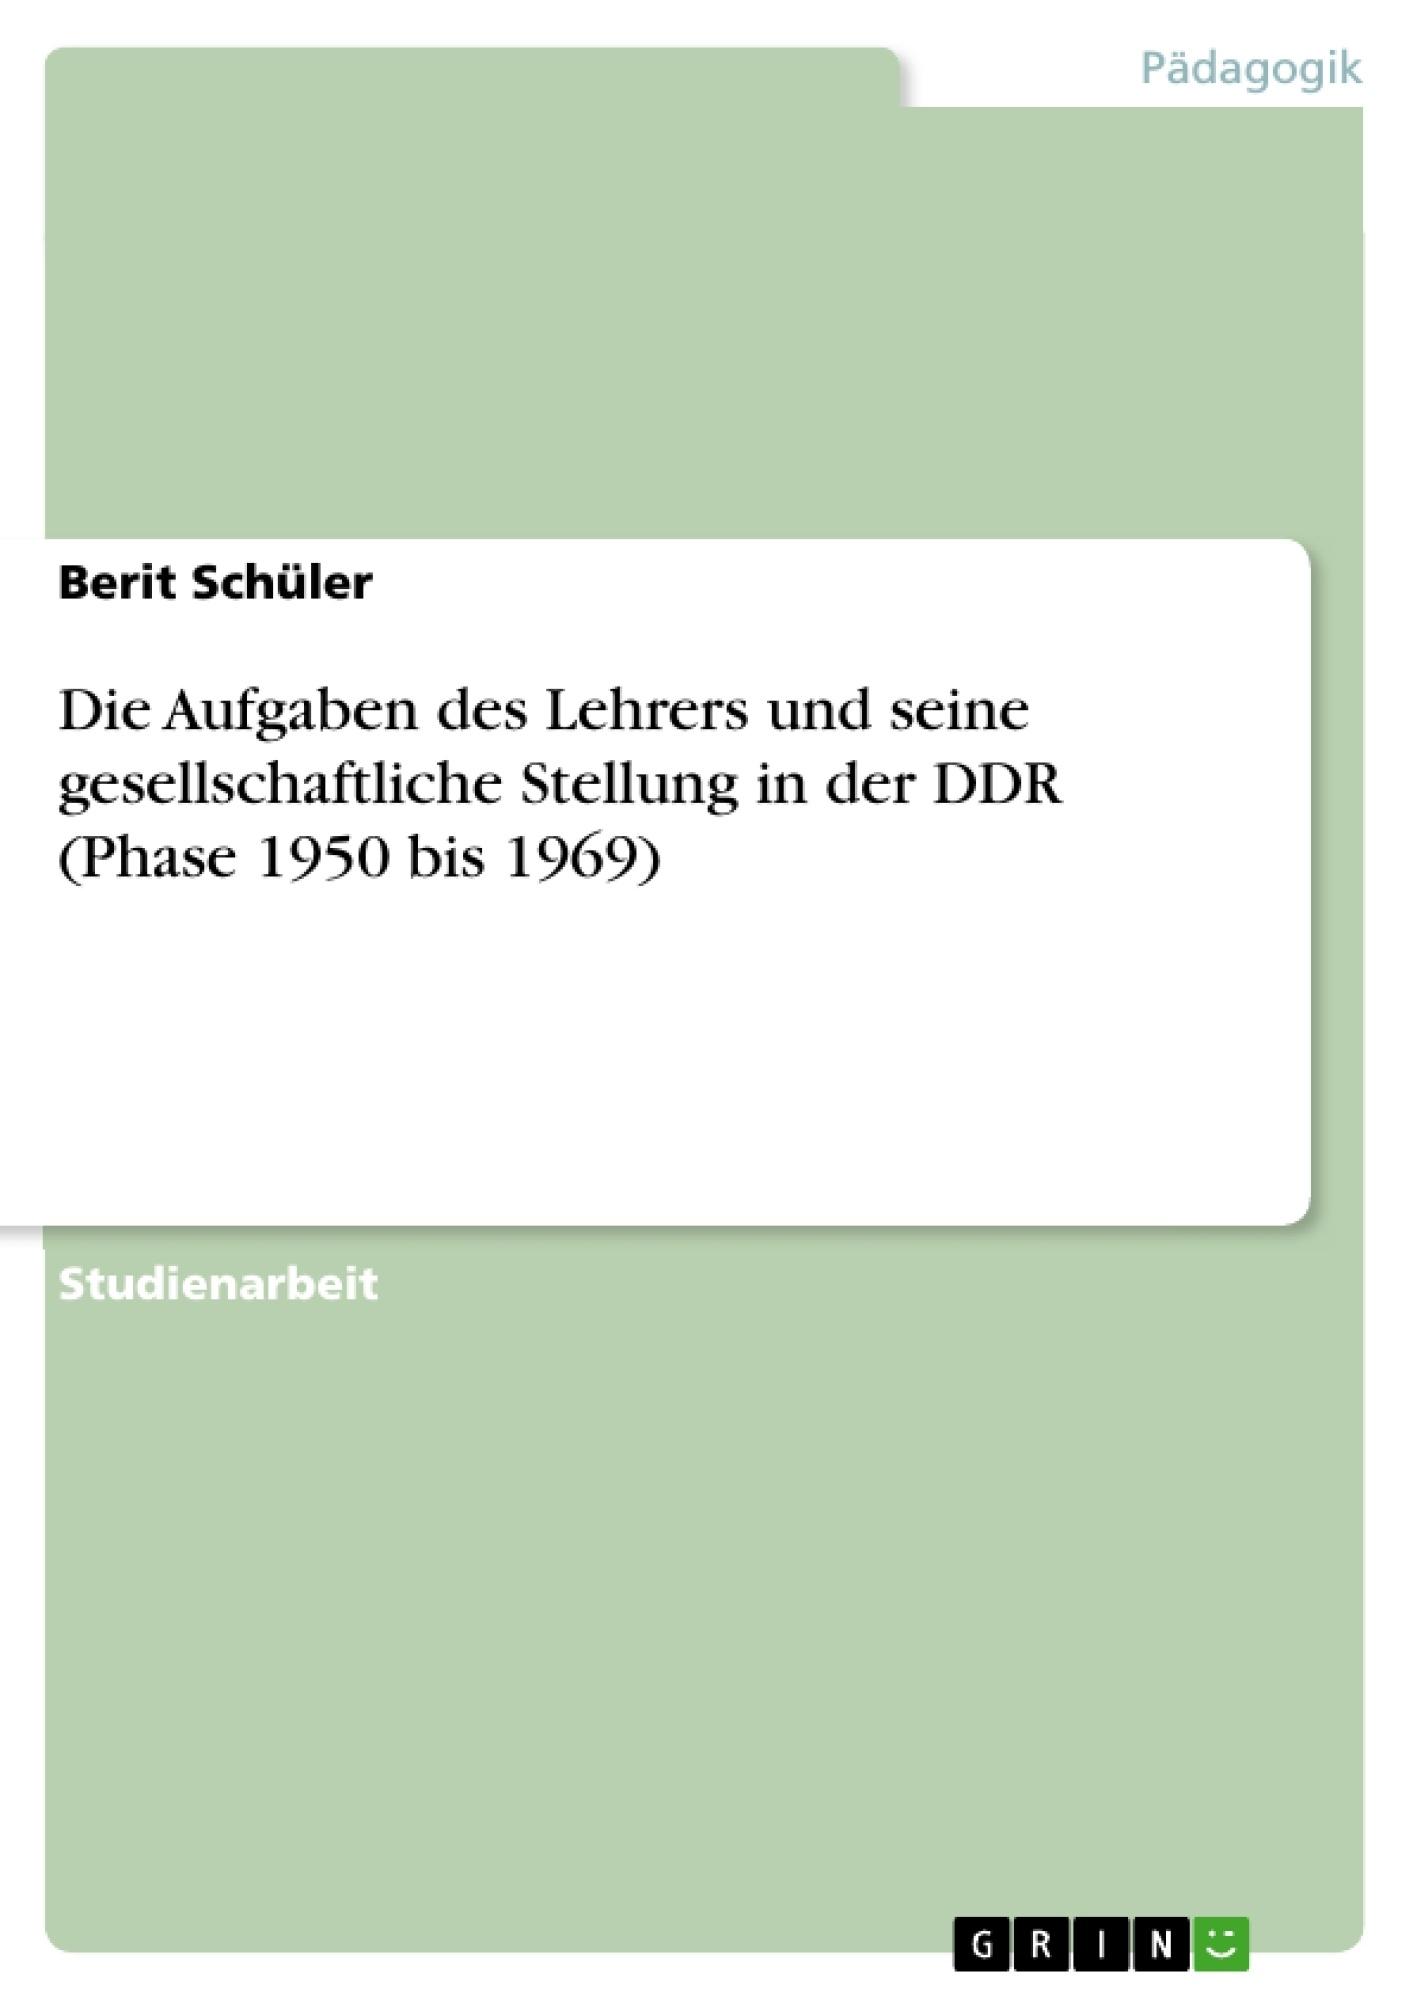 Titel: Die Aufgaben des Lehrers und seine gesellschaftliche Stellung in der DDR (Phase 1950 bis 1969)